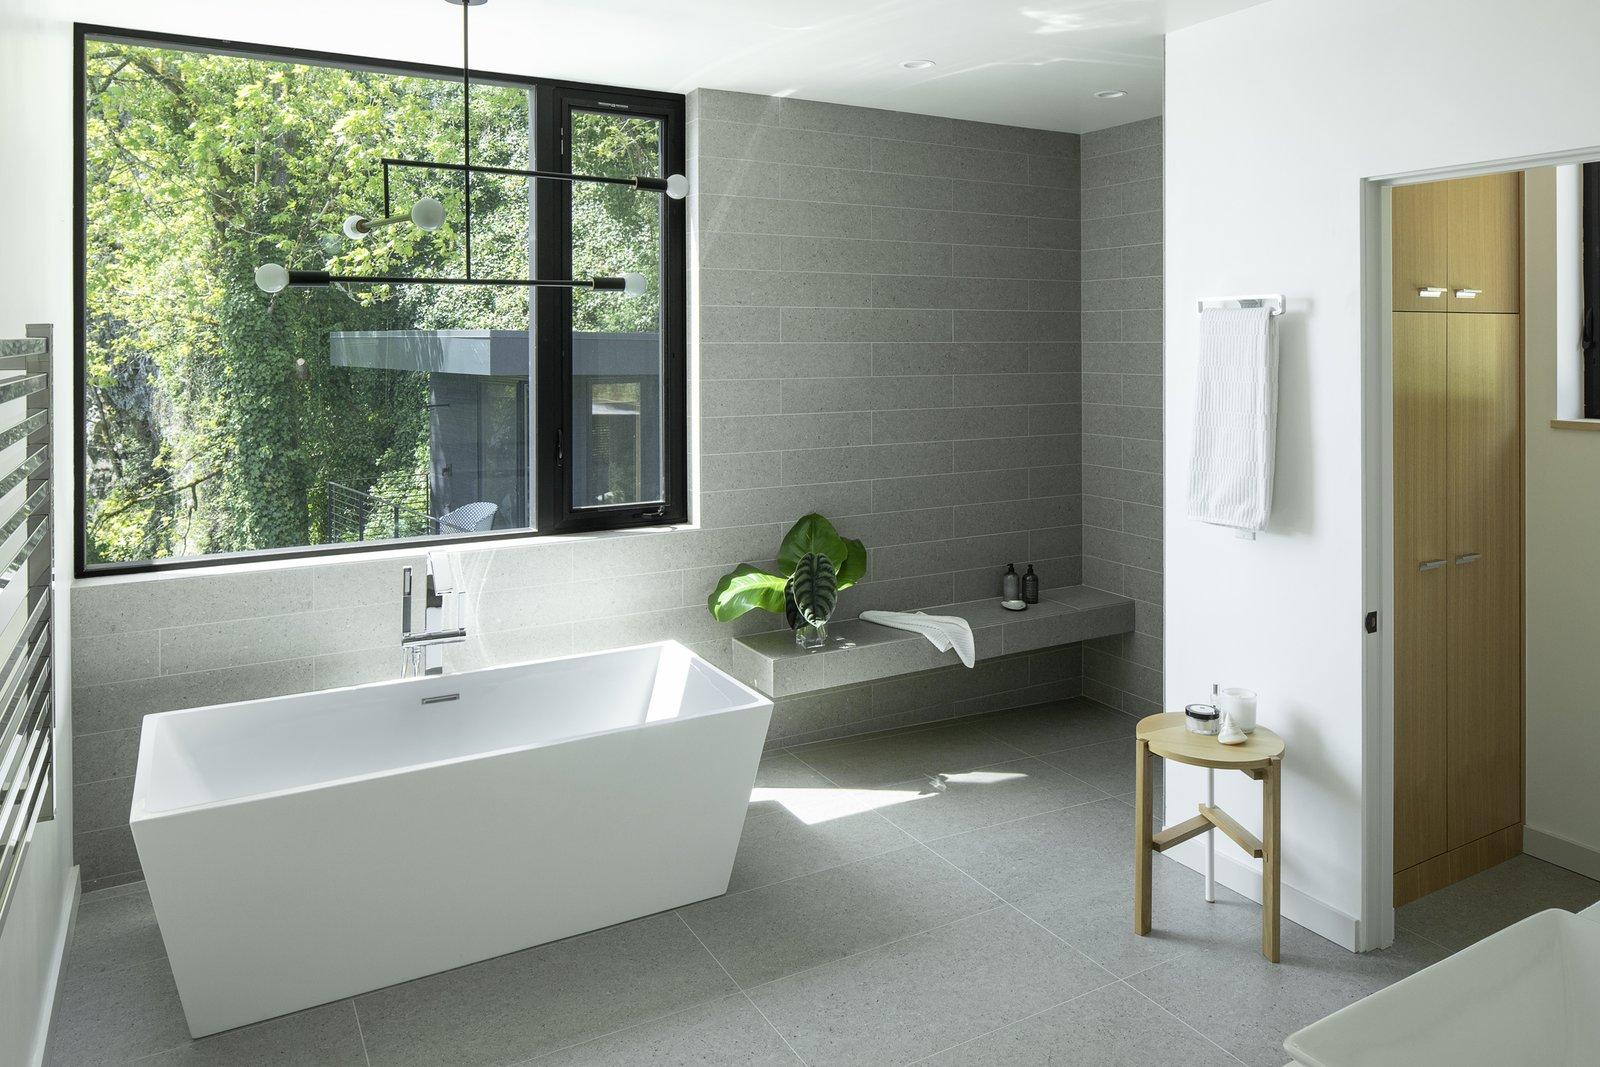 Bath, Porcelain Tile, Vessel, Quartzite, Ceiling, Recessed, Open, Porcelain Tile, and Freestanding Master Bathroom  Best Bath Recessed Porcelain Tile Photos